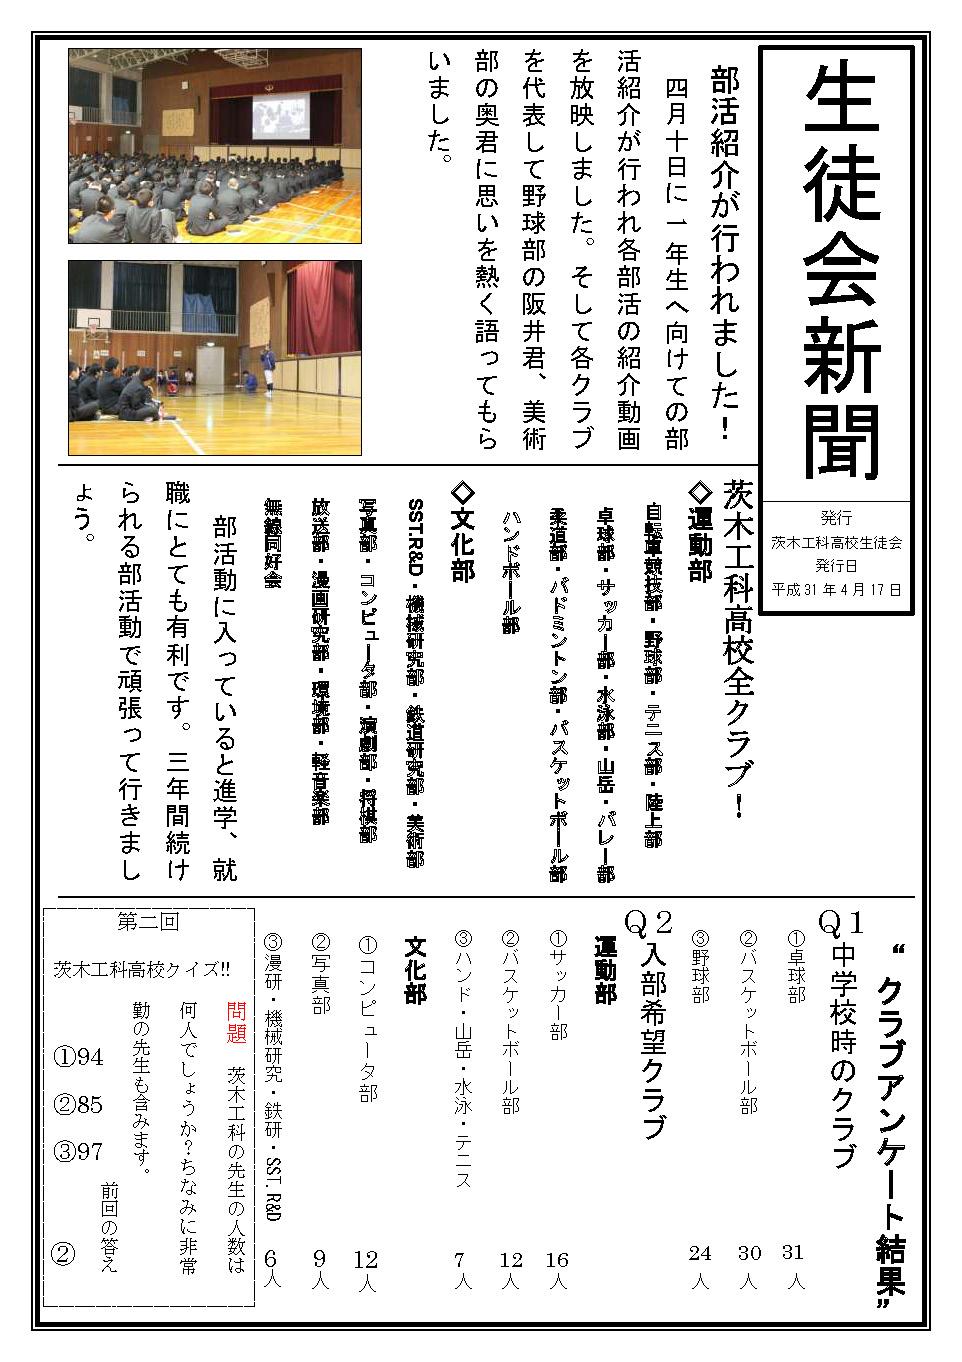 2019年度 第2号「クラブ紹介」生徒会新聞